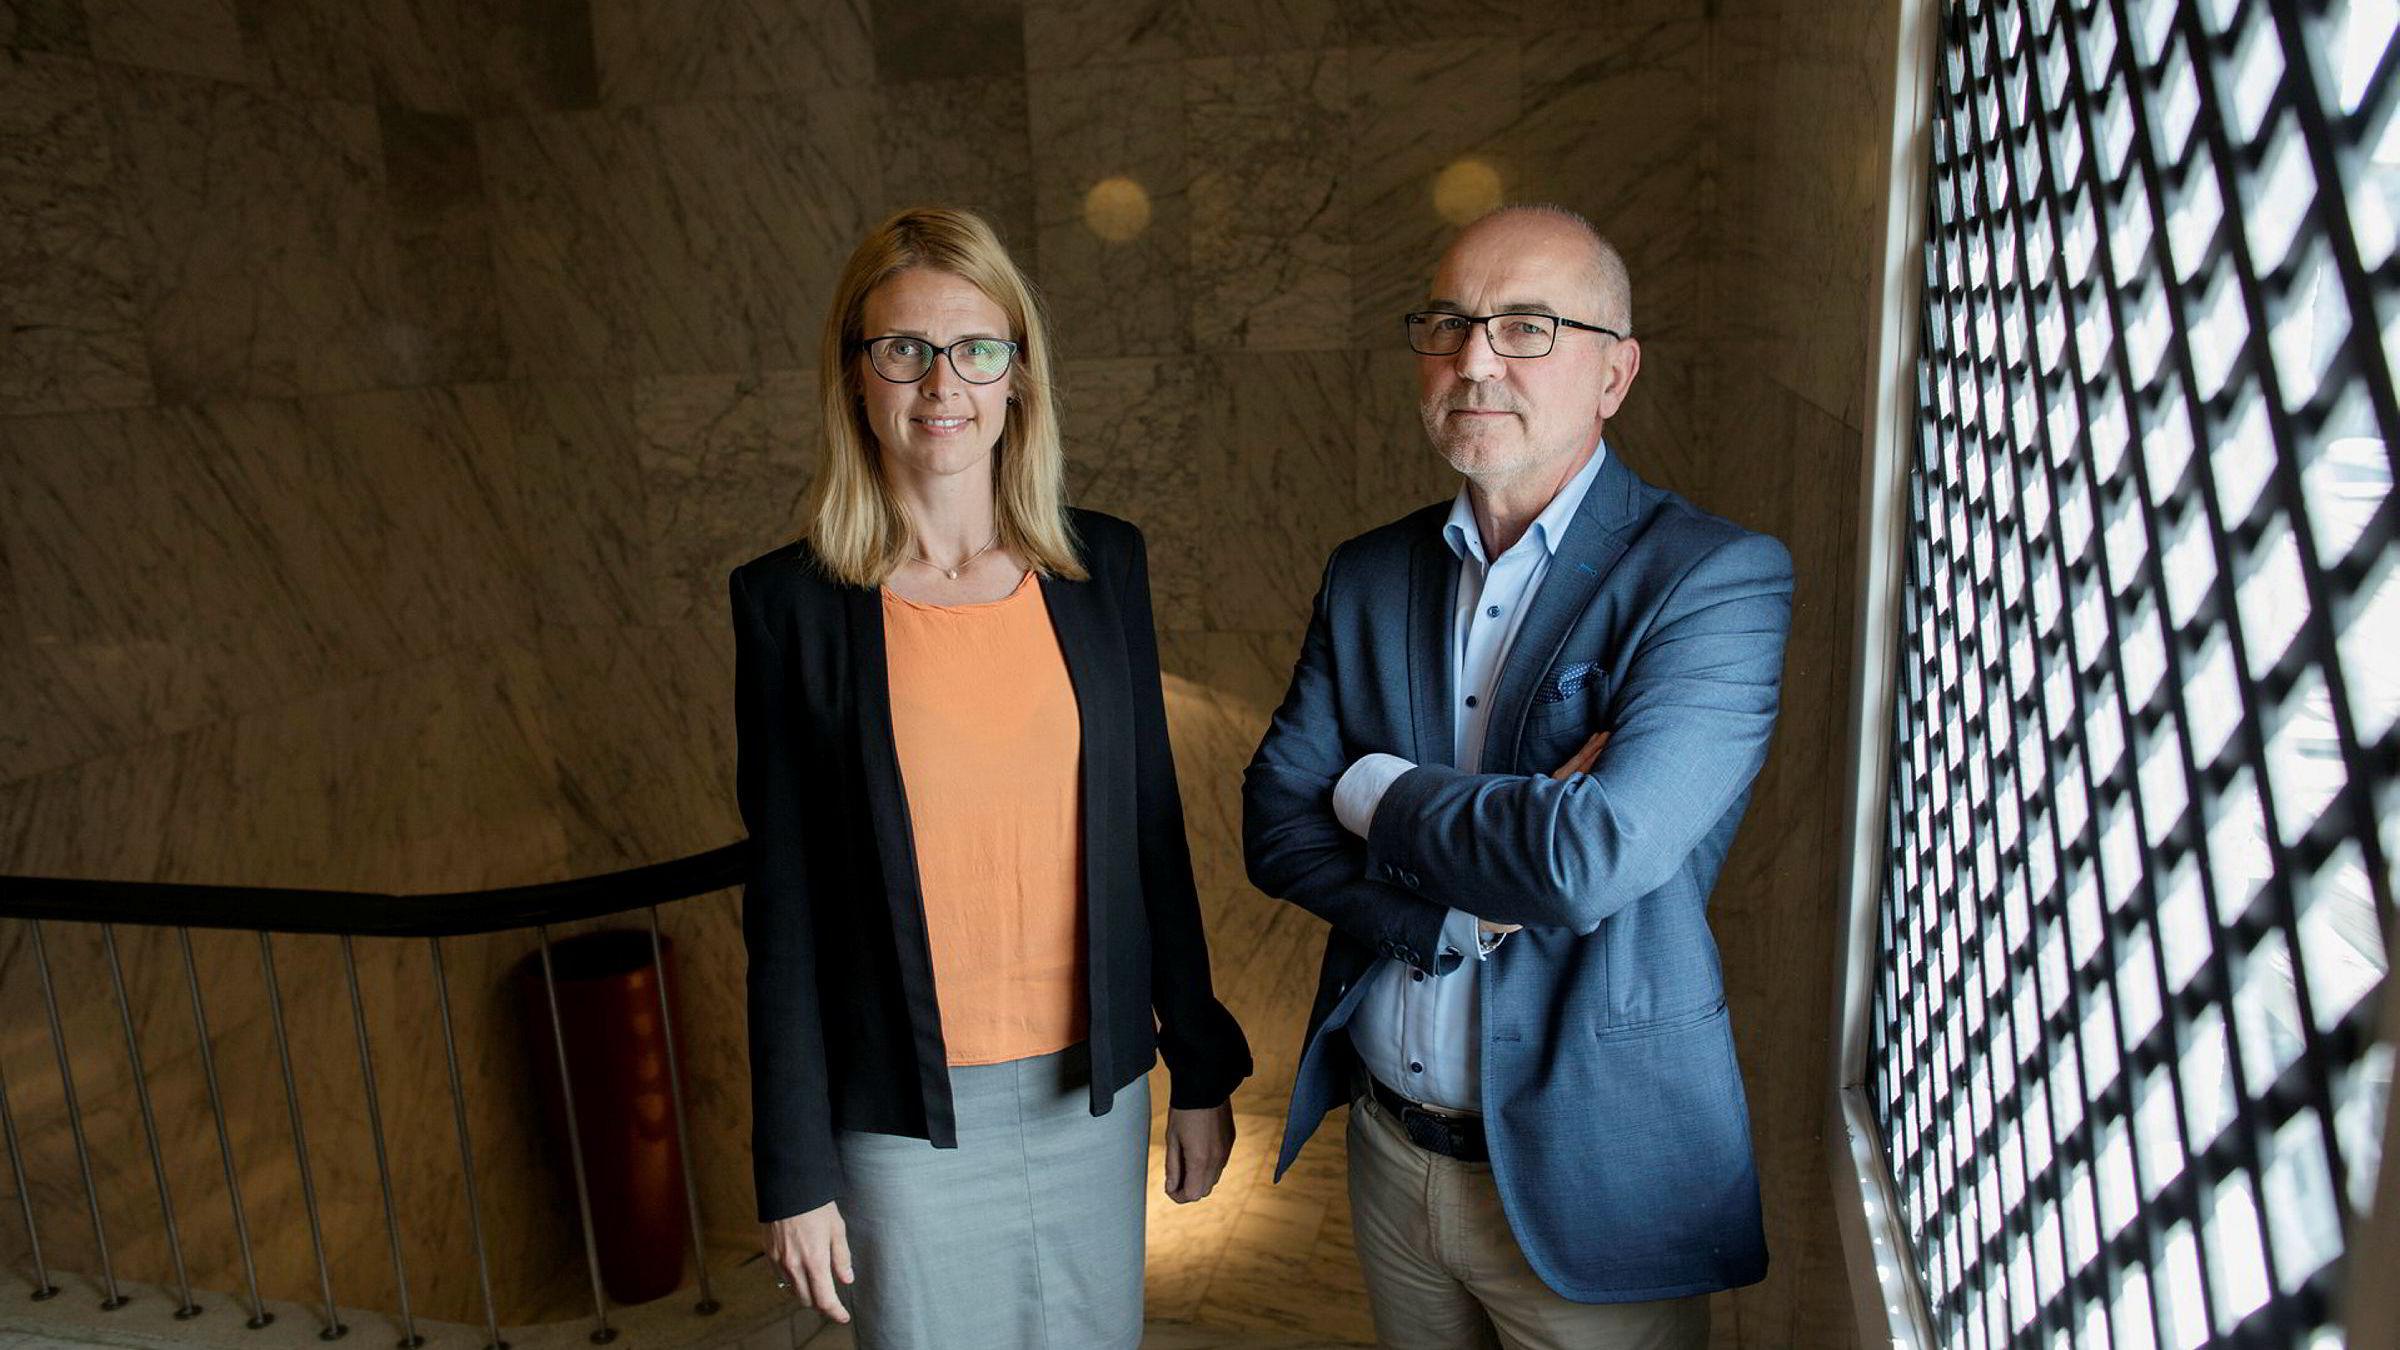 Senioradvokat Benedicte Langford og partner John S. Gulbrandsen i Bing Hodneland advokatselskap mener både brudd på konfidensialitetsavtalen og markedsføringsloven bør behandles samtidig.